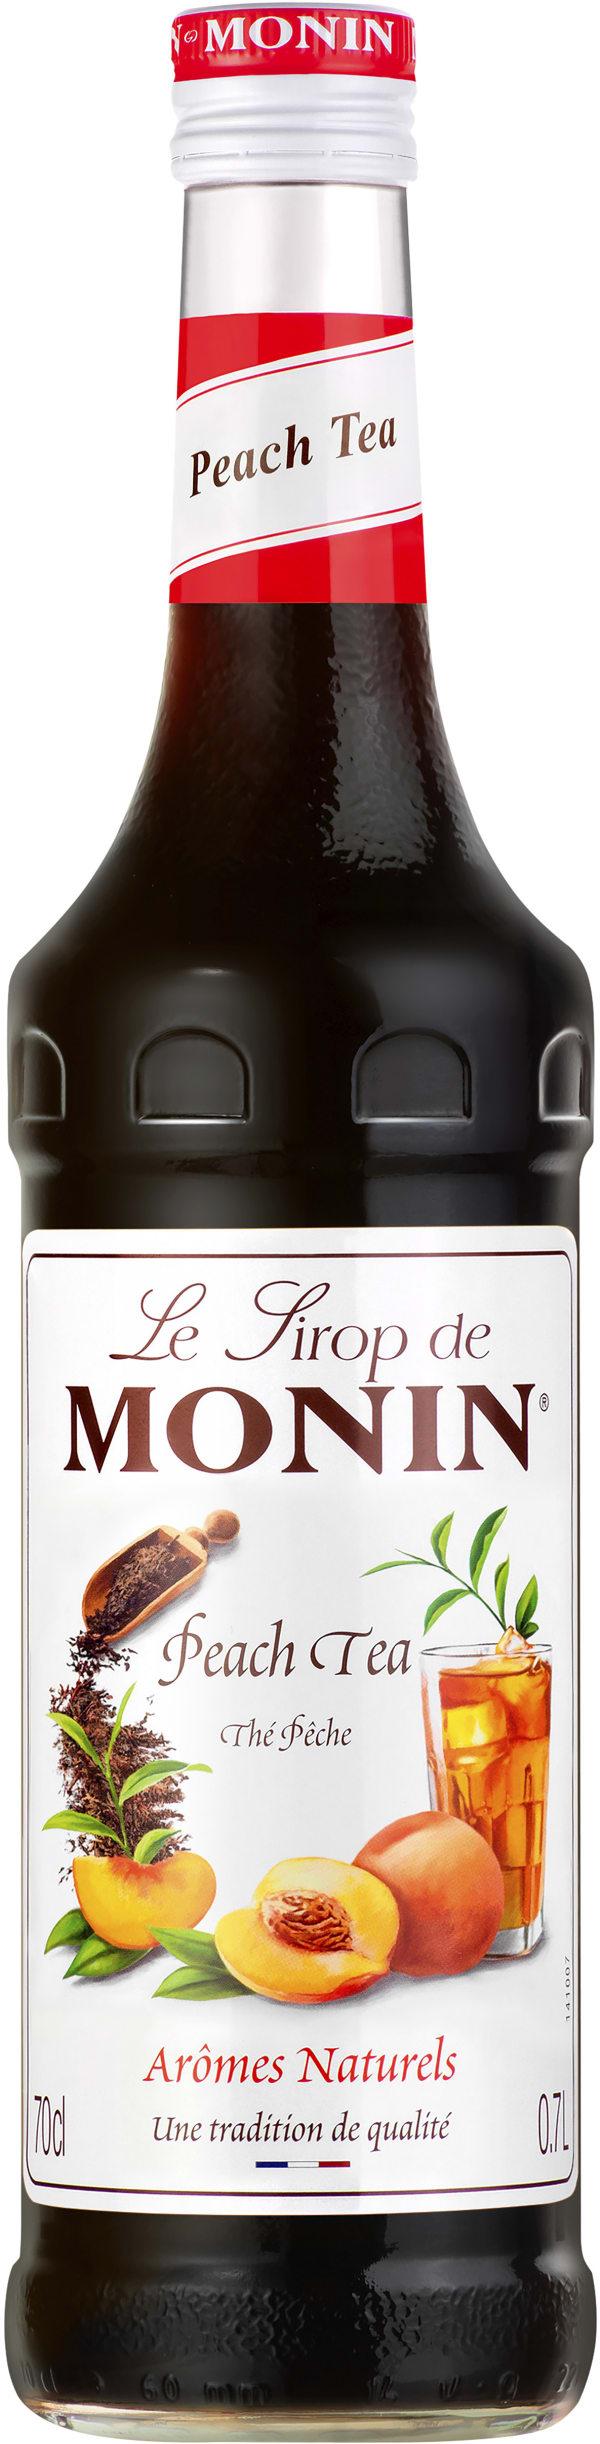 Le Sirop de Monin Peach Tea